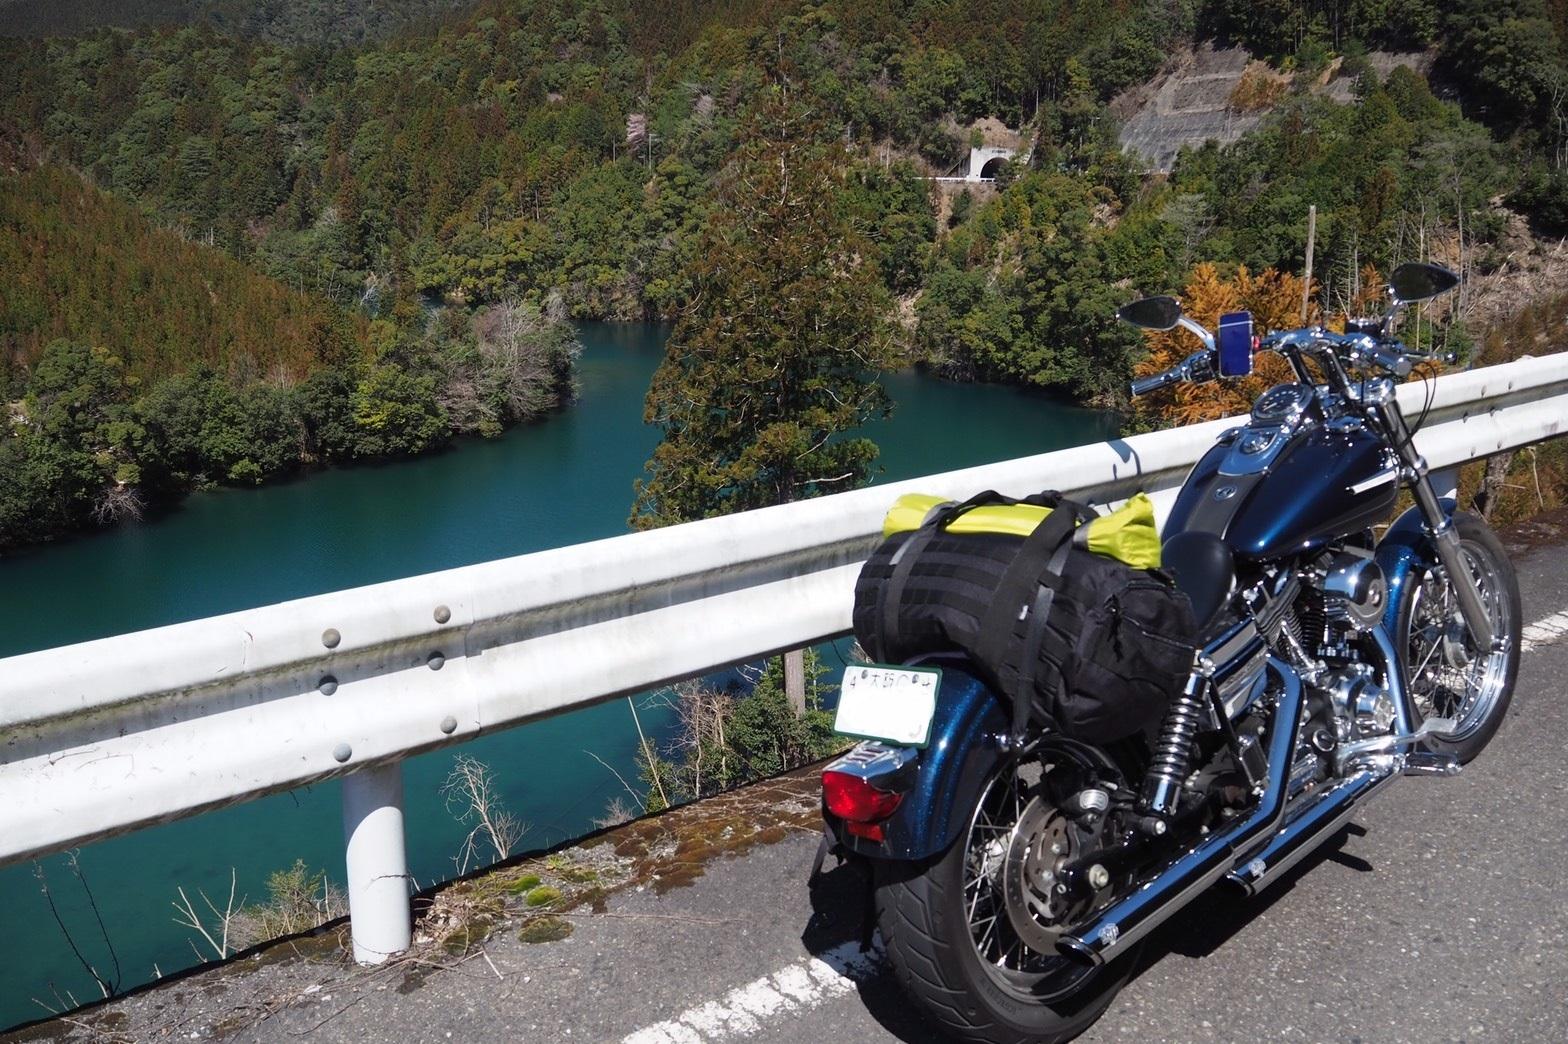 ぴーきち&ダイナ 紀伊半島ツーリング 169号線 吉野川の絶景とハーレー